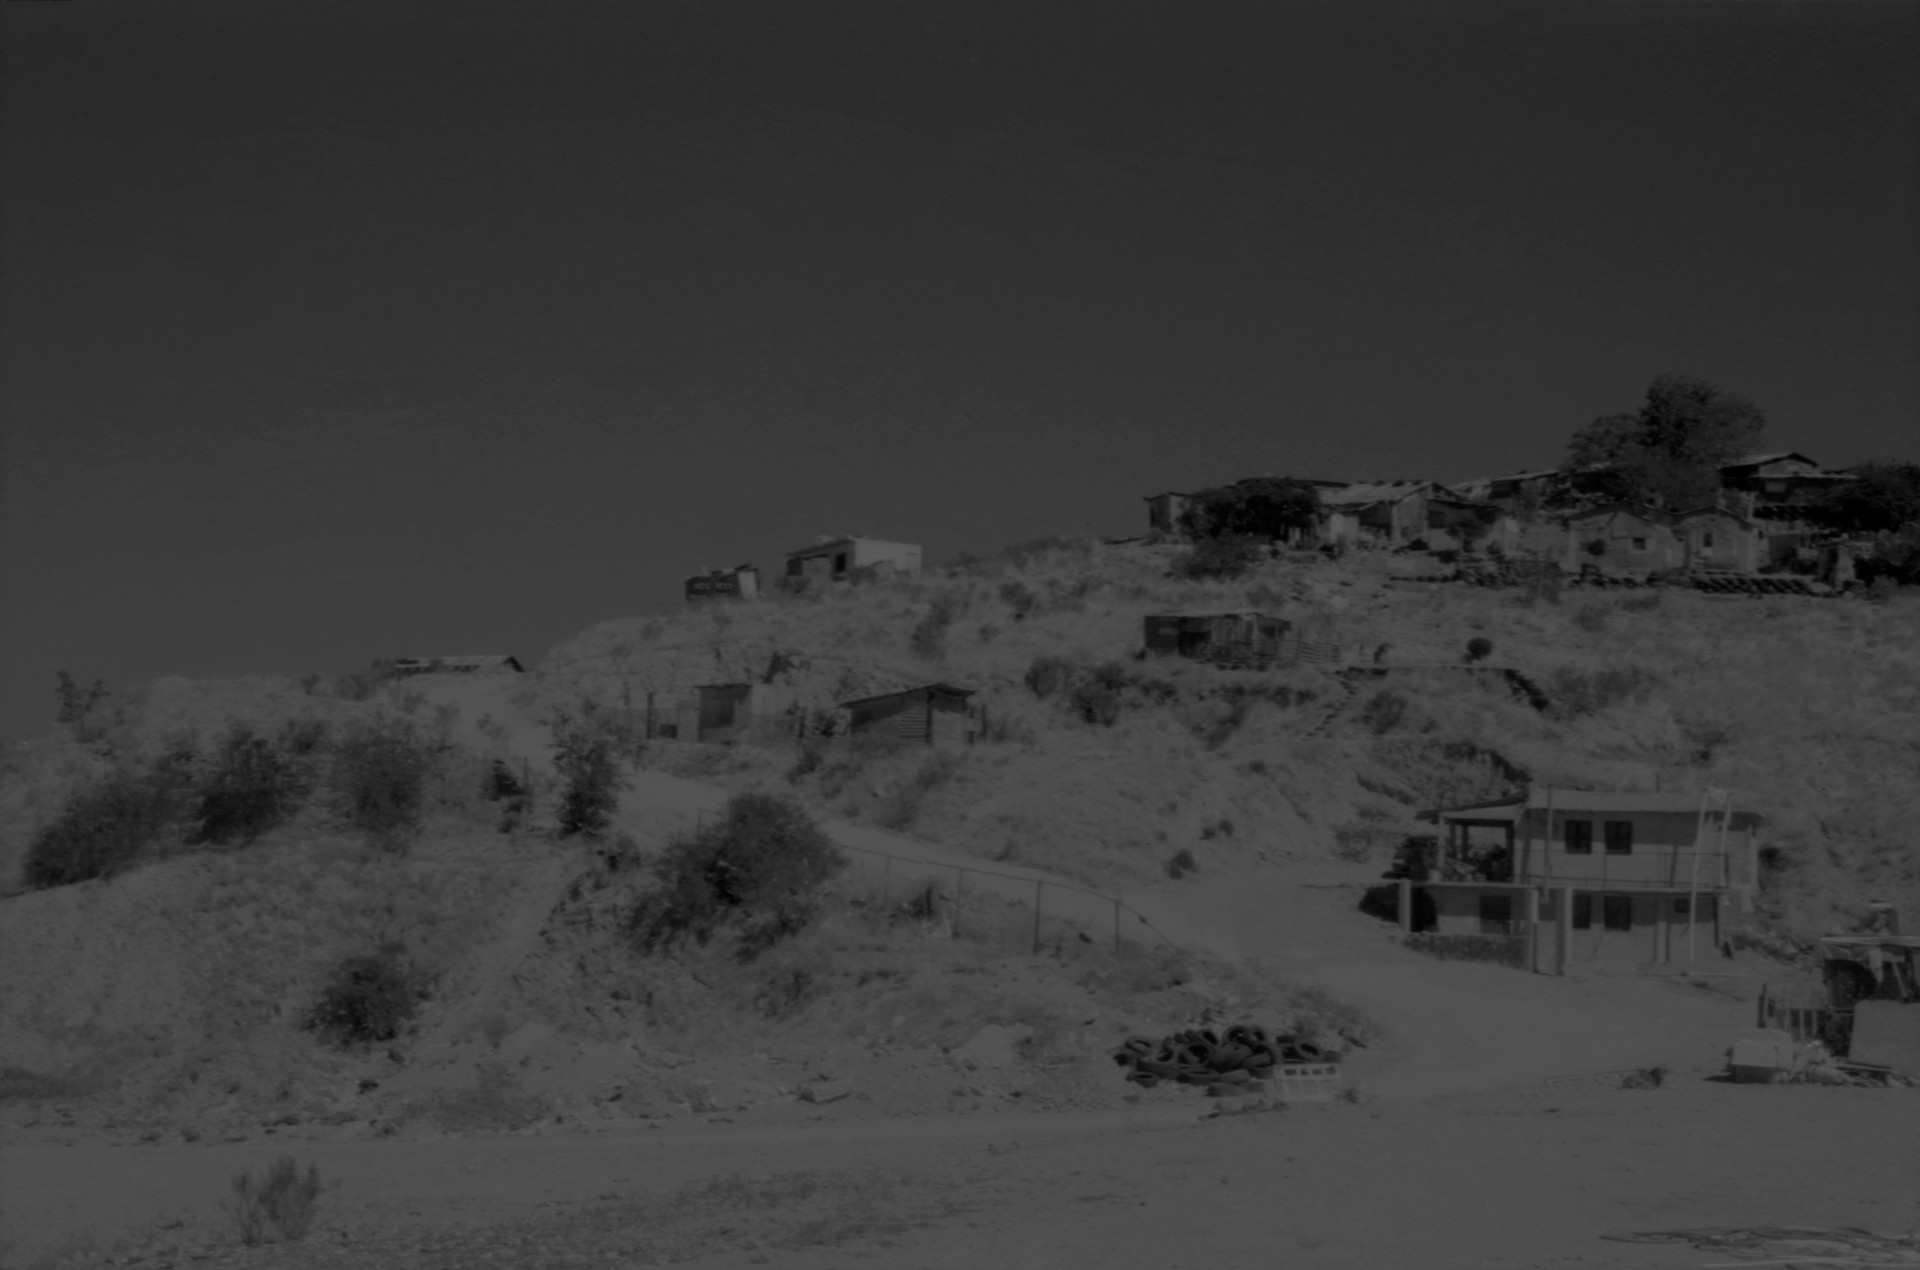 Fotó: Koleszár Adél: Külváros, részlet Az erőszak sebei című sorozatból